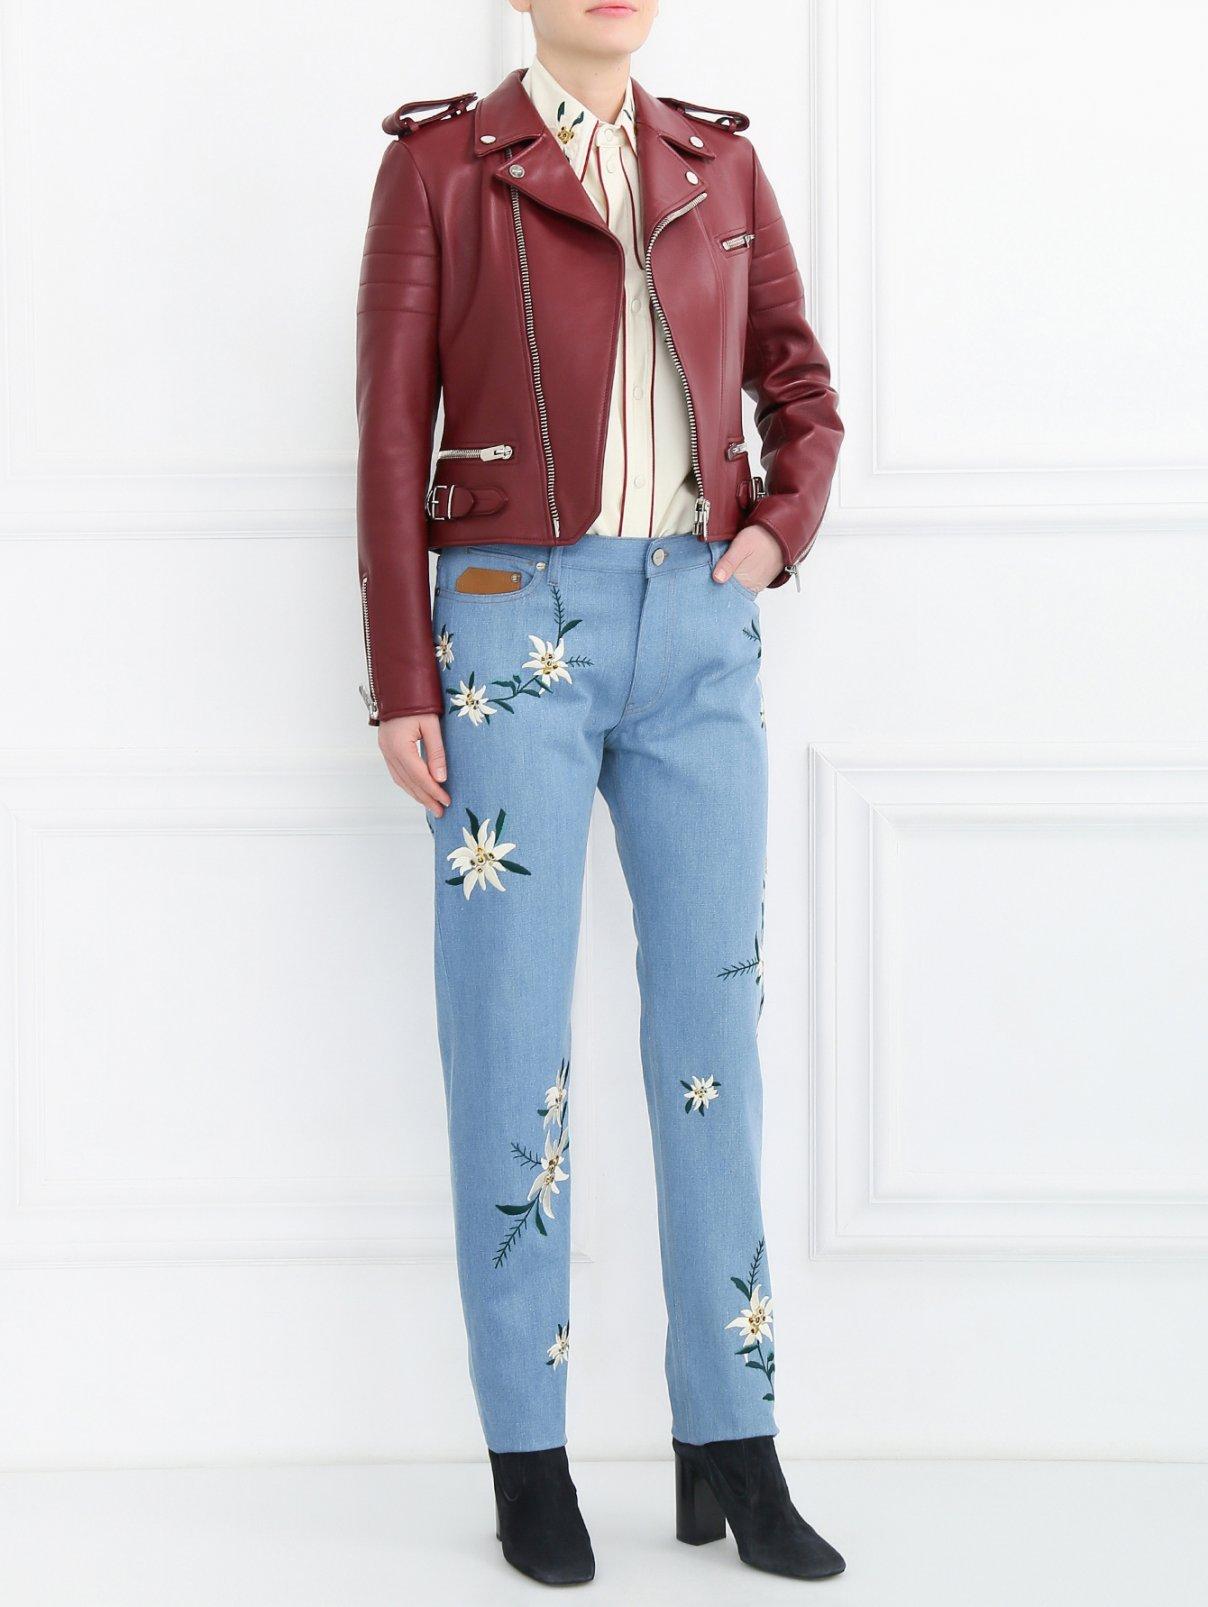 Джинсы прямого кроя с вышивкой Bally  –  Модель Общий вид  – Цвет:  Синий